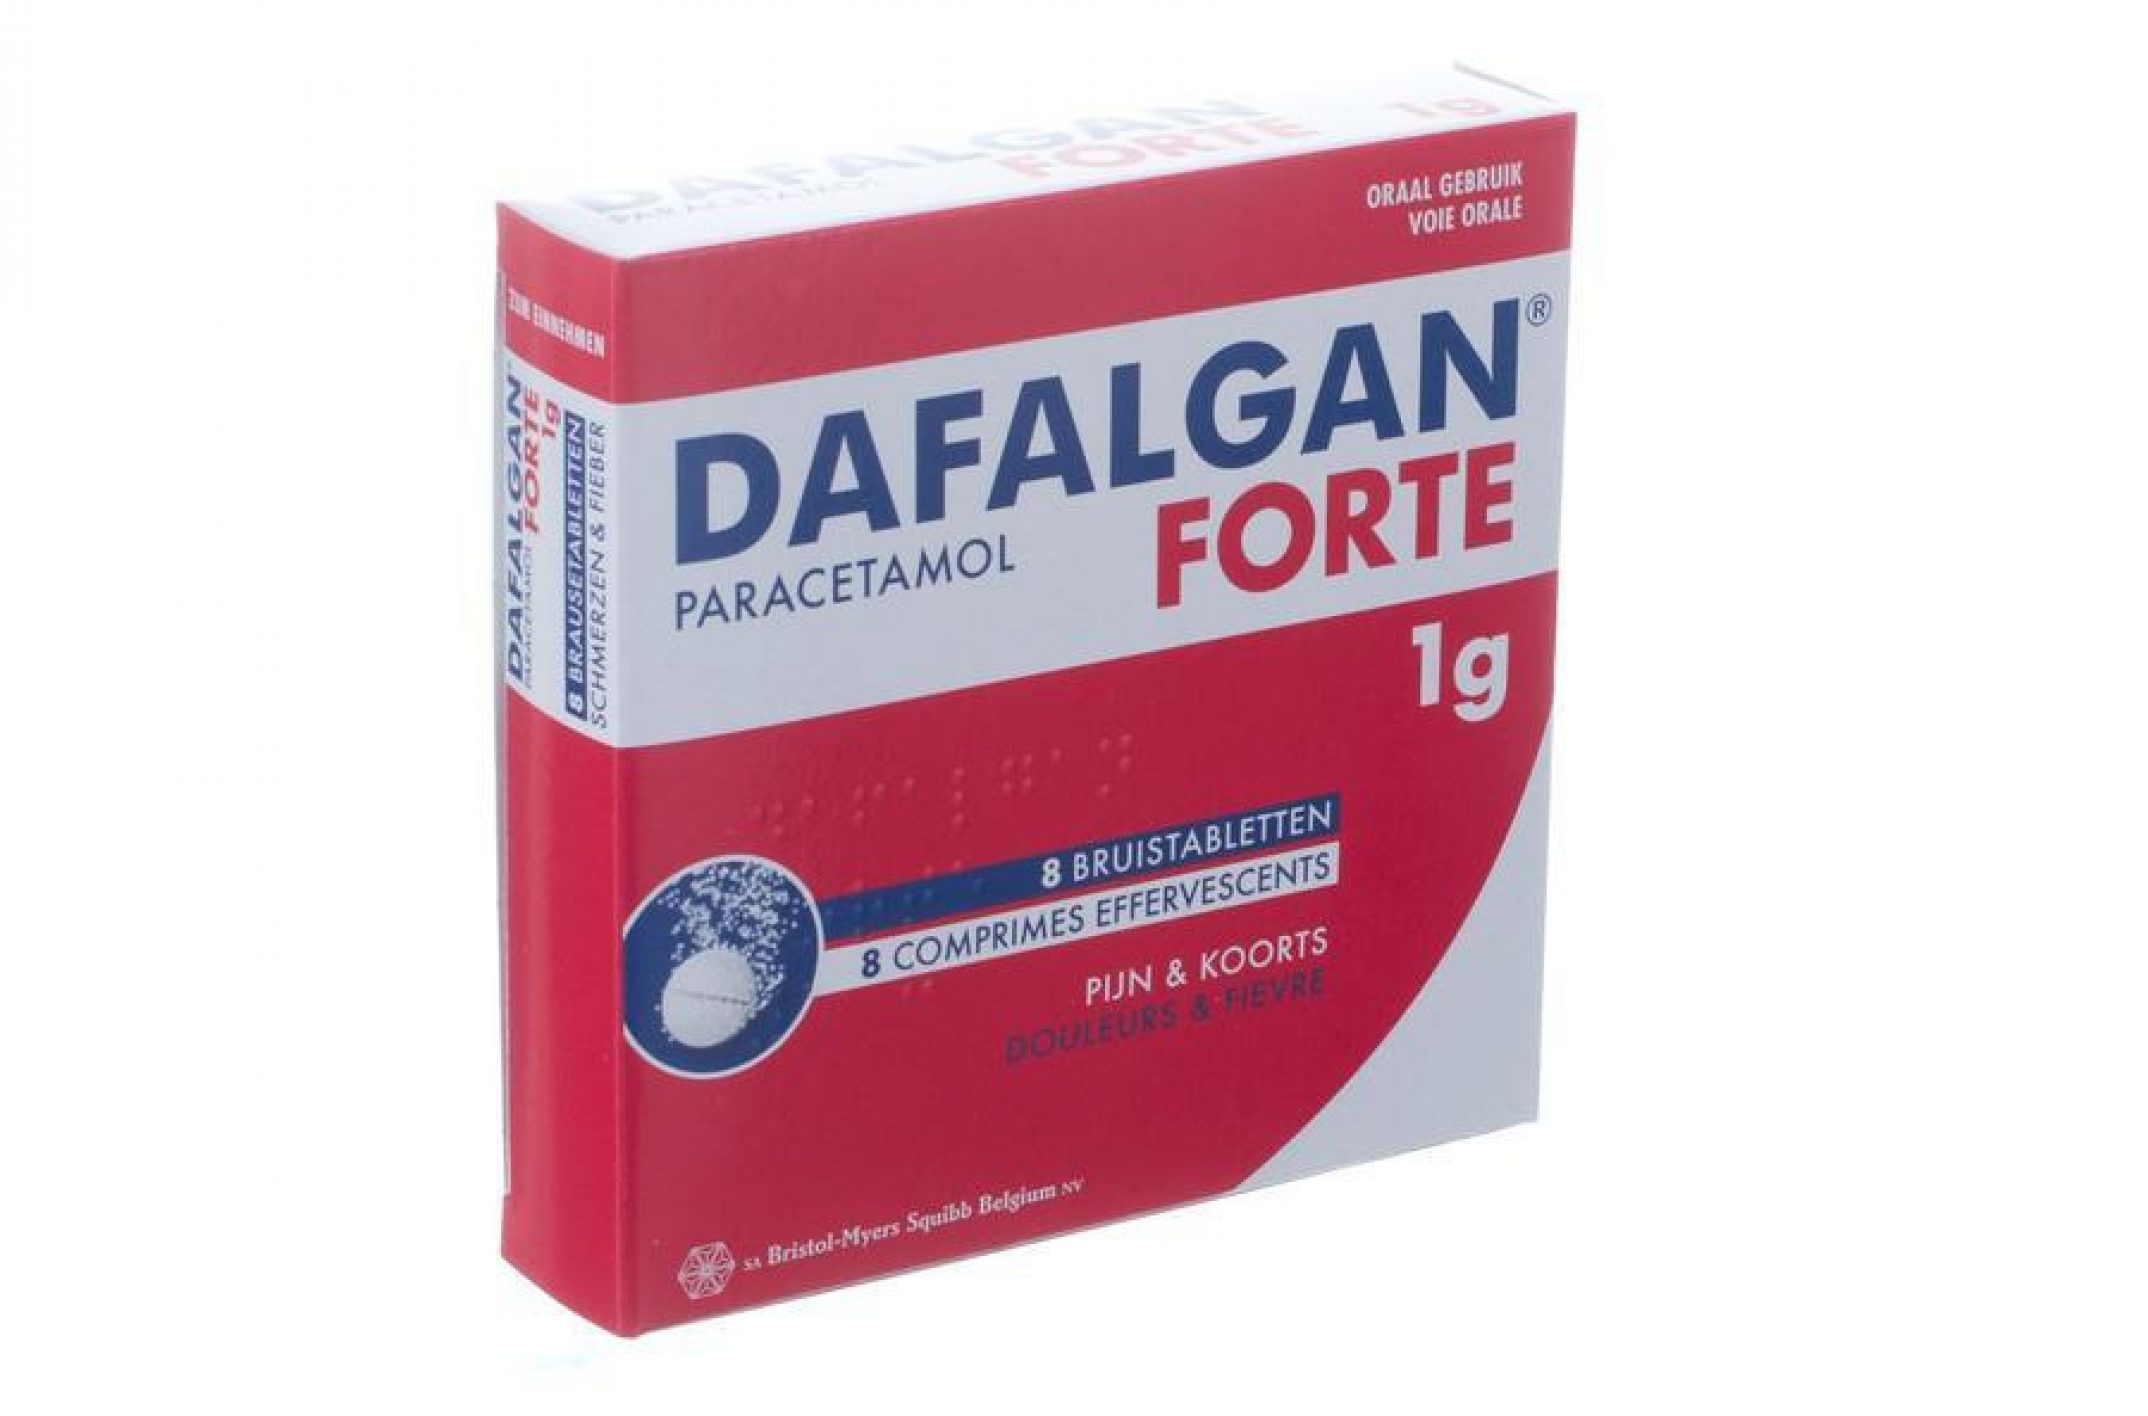 Dafalgan, il ressemble au doliprane